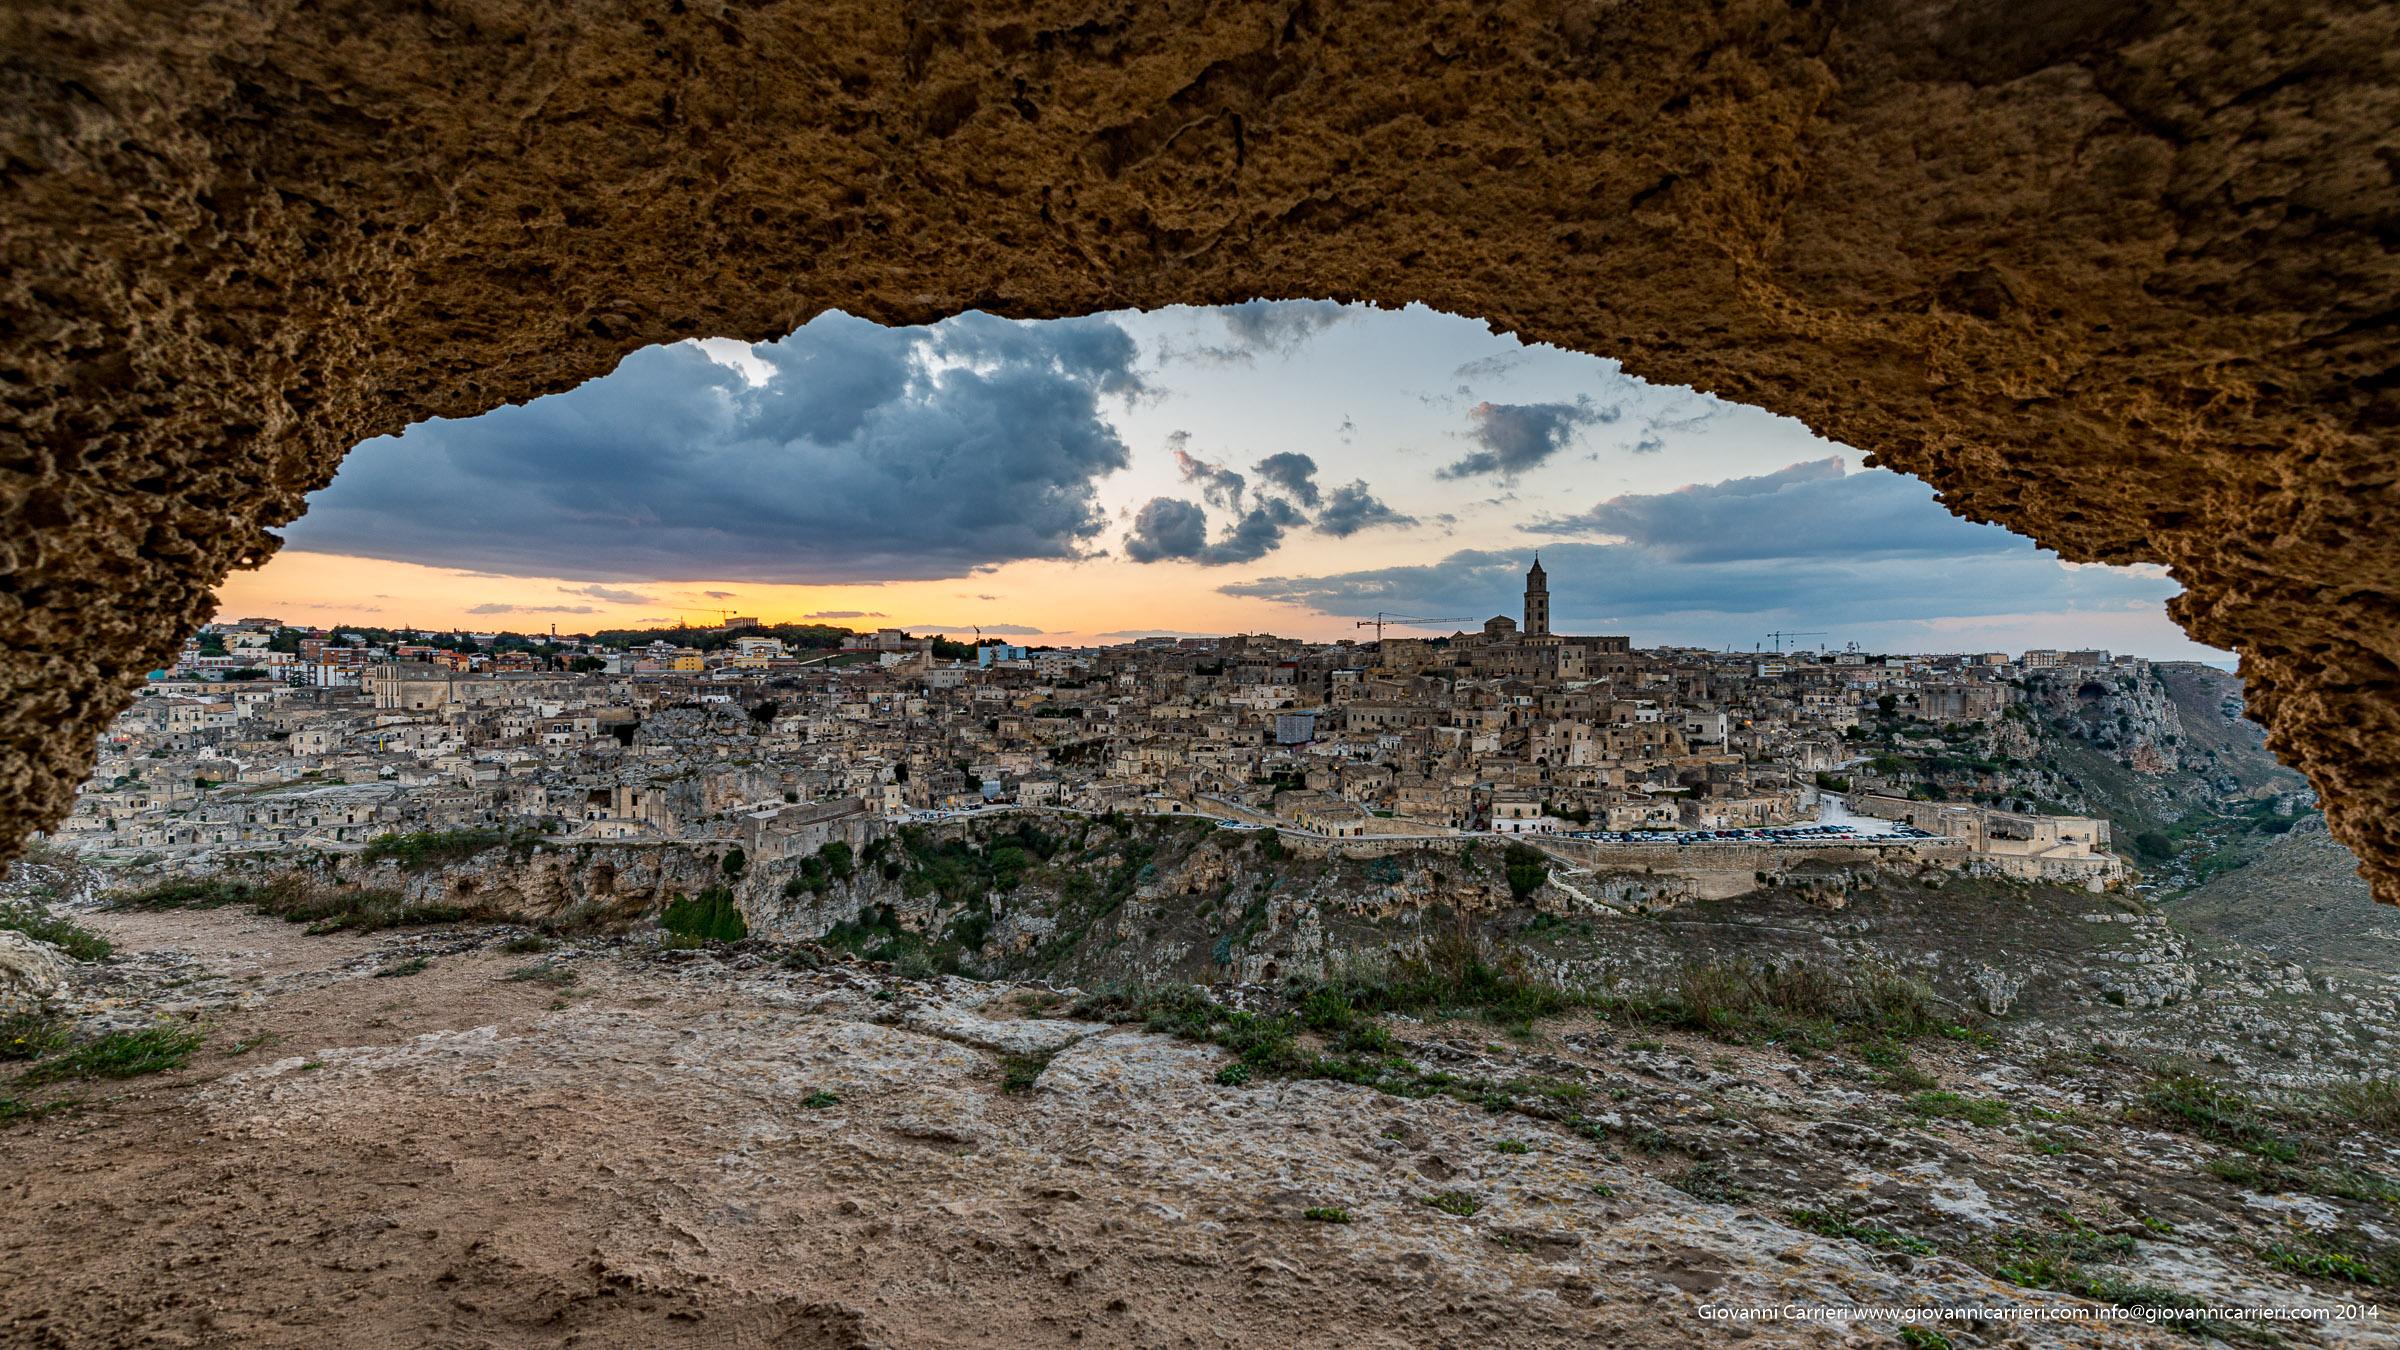 Il panorama di Matera visto dall'interno di una grotta